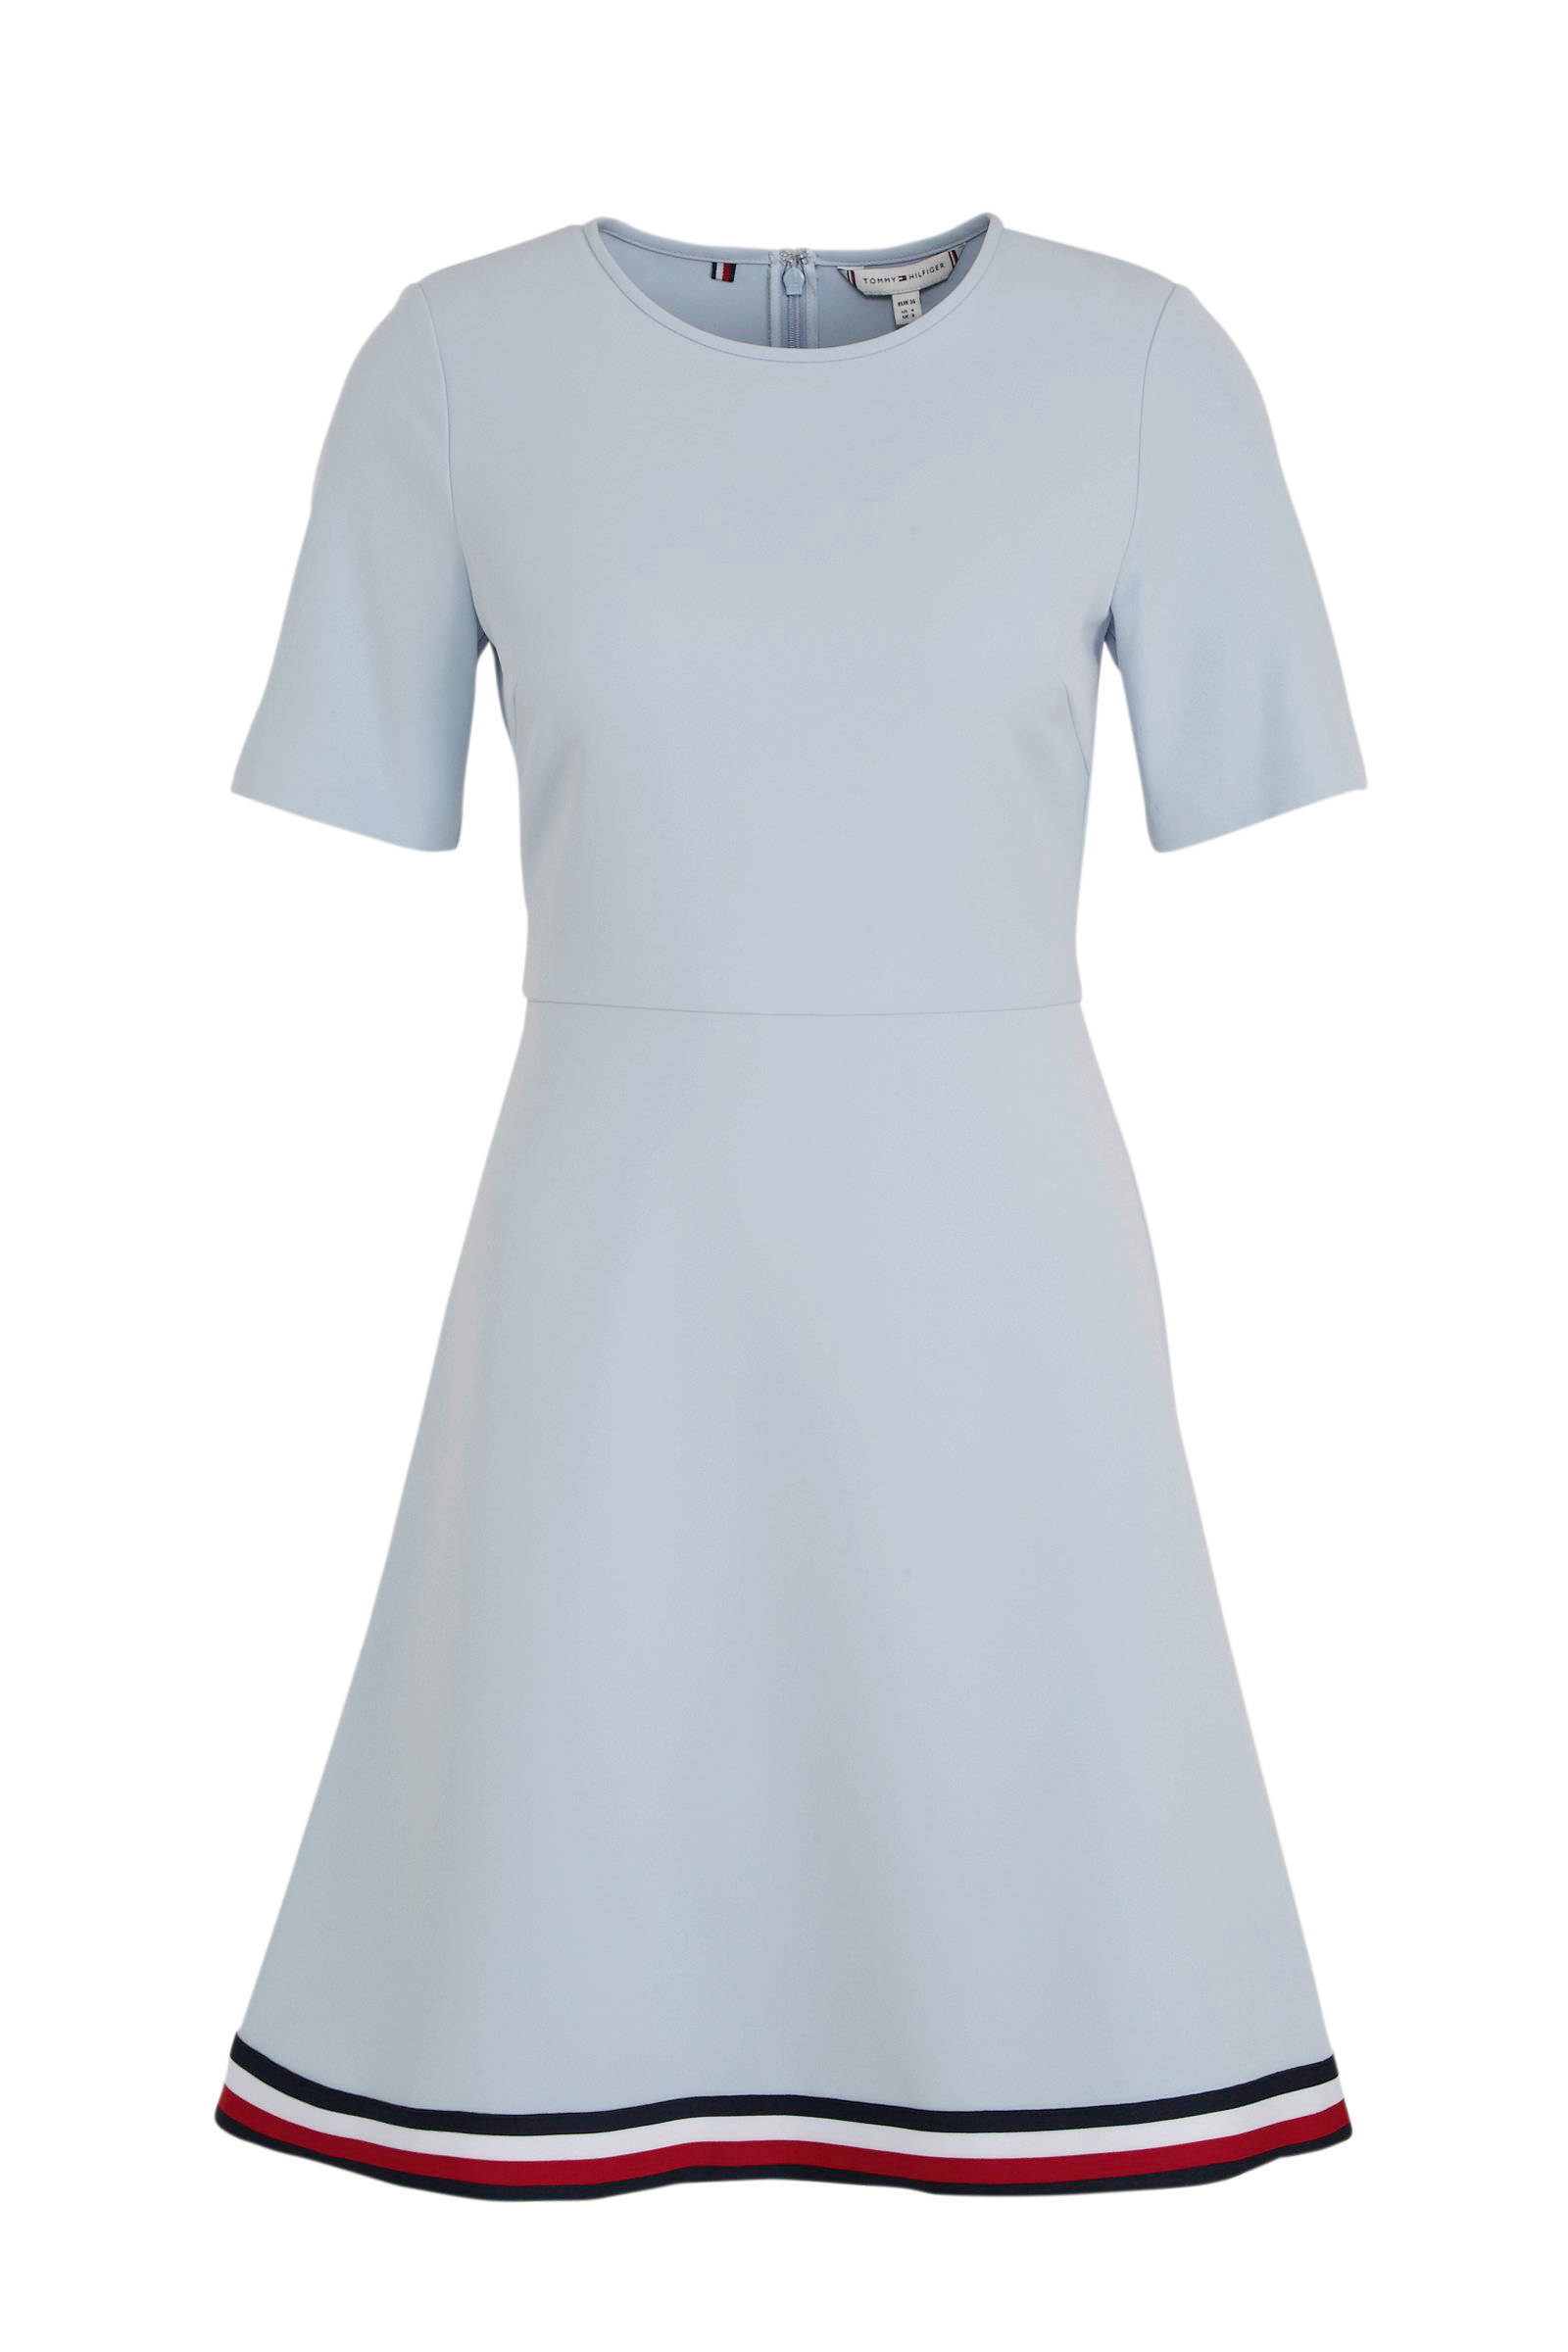 Tommy Hilfiger dames jurken bij wehkamp Gratis bezorging